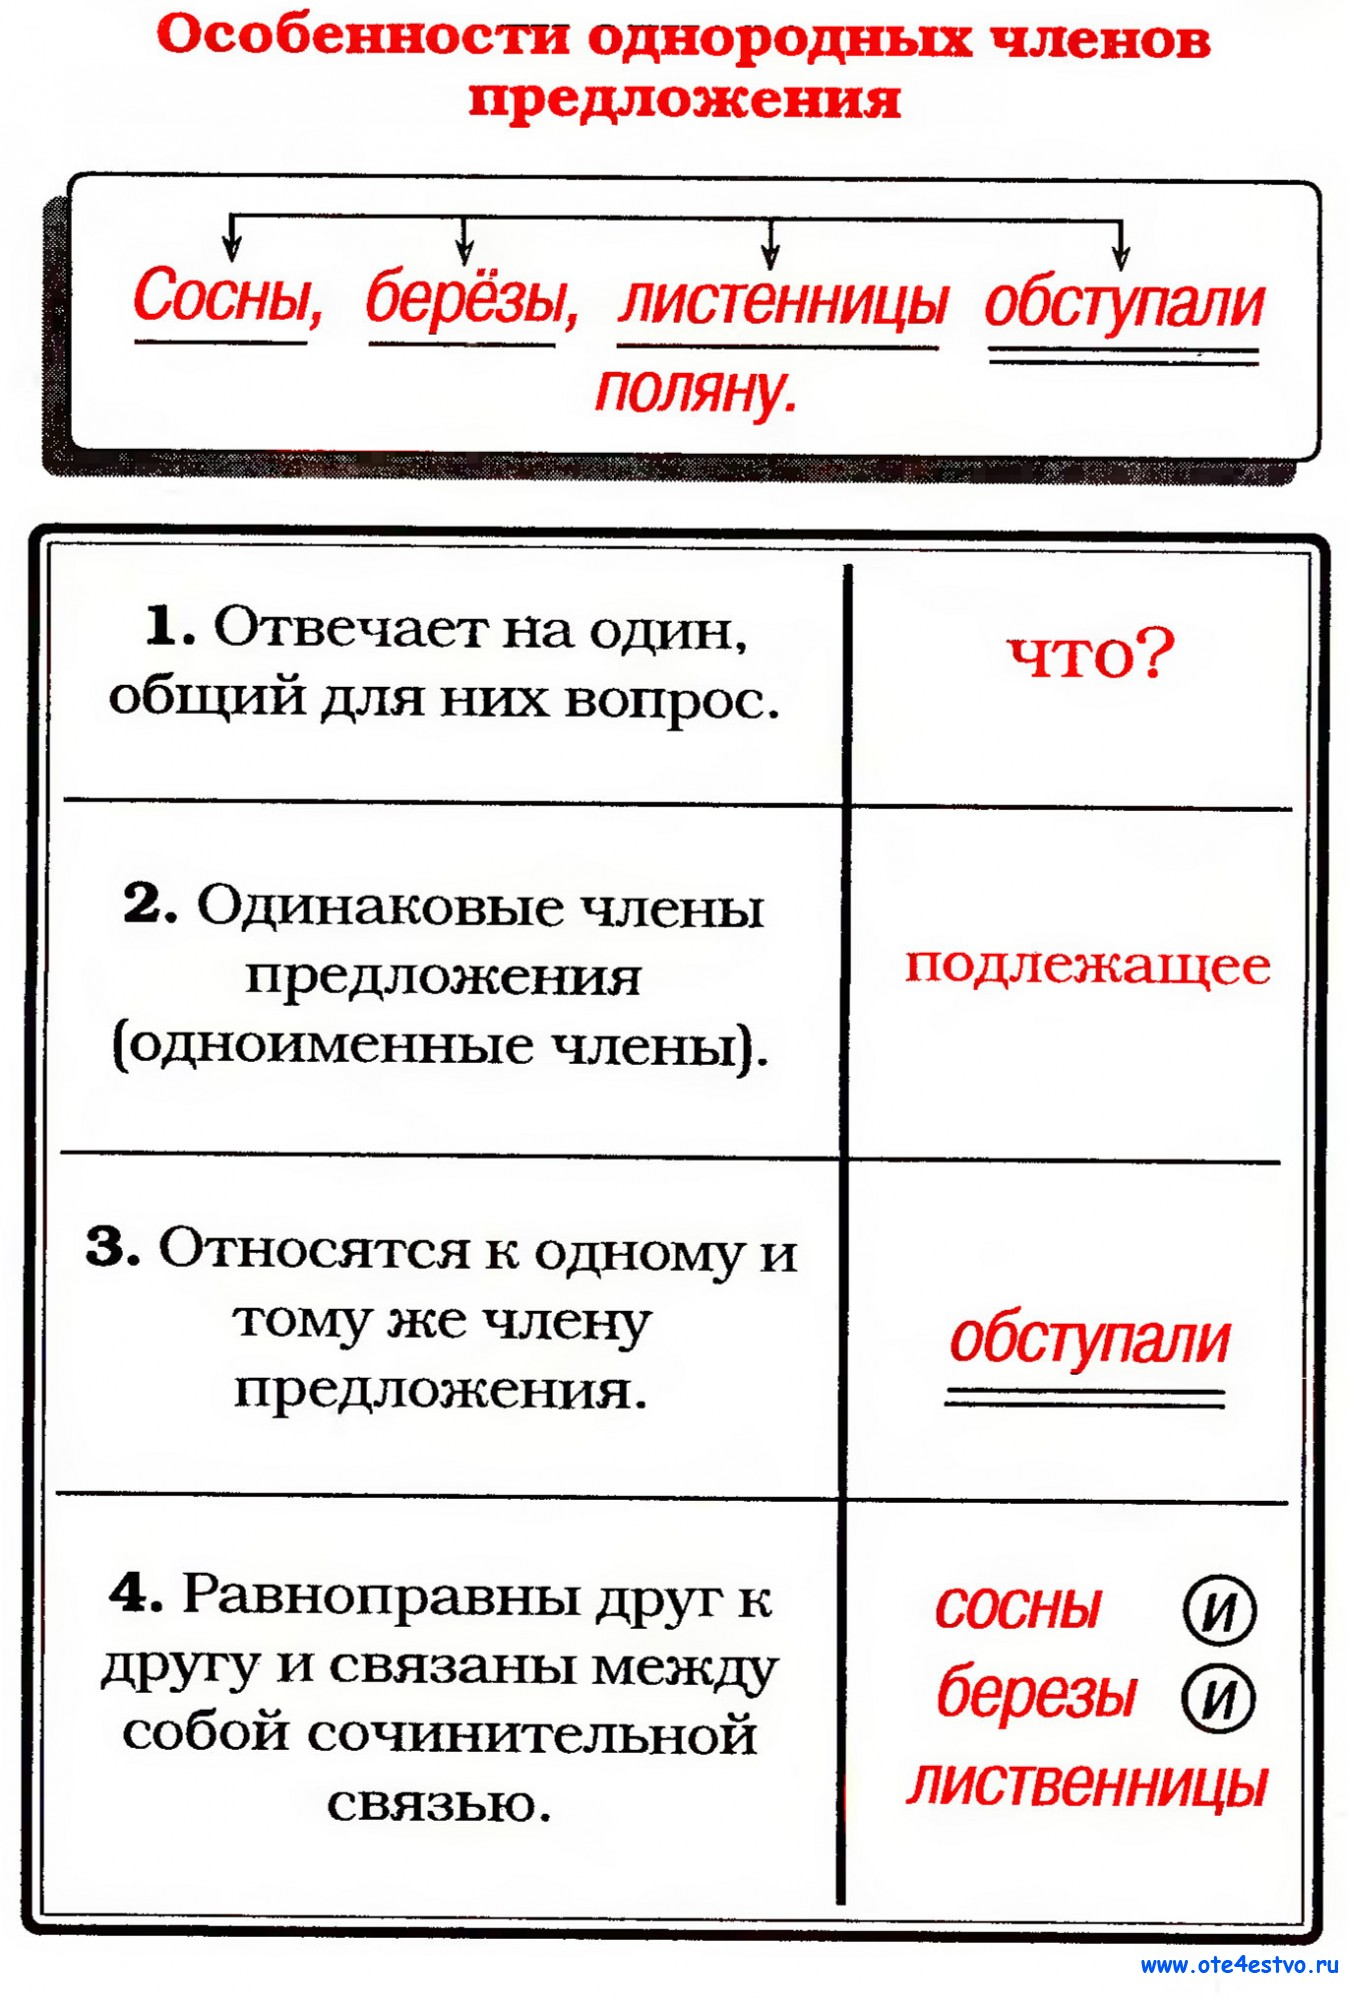 punktuatsiya-pri-odnorodnih-chlenah